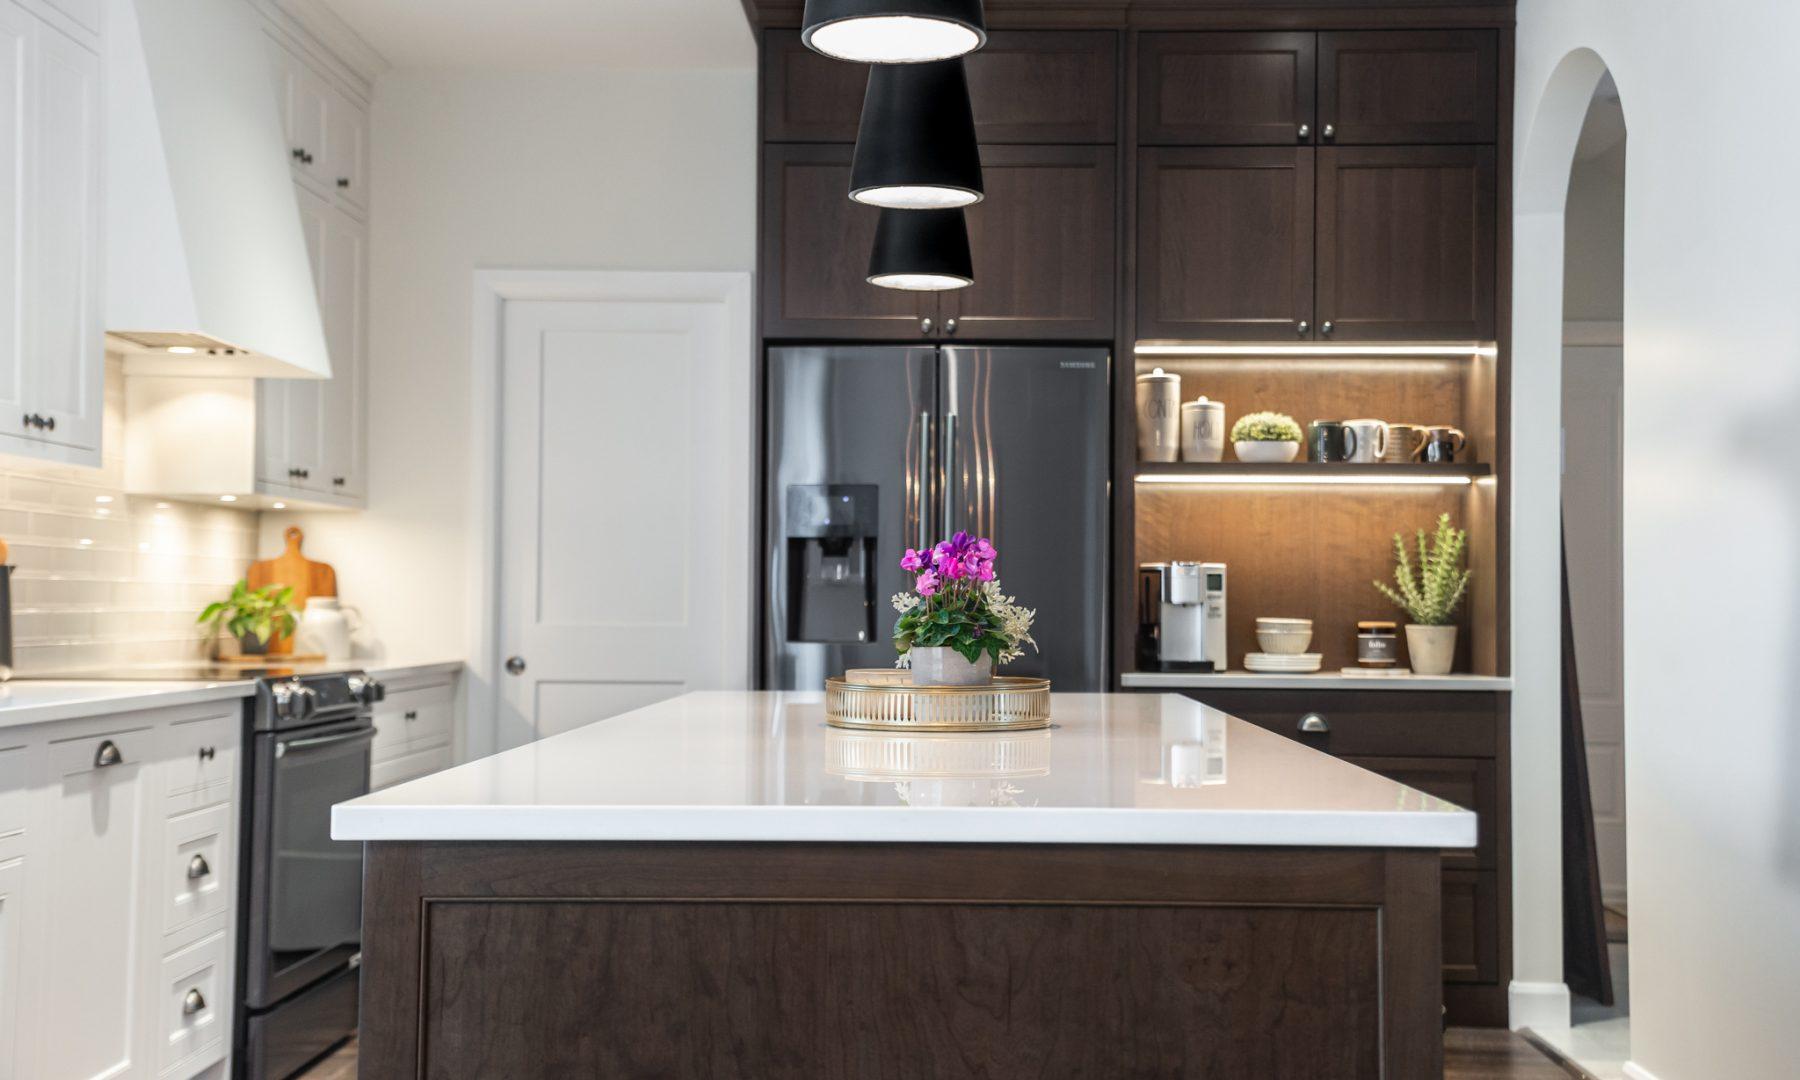 Cabico Custom Cabinets - Projet cuisine Farmhouse - vue d'ensemble